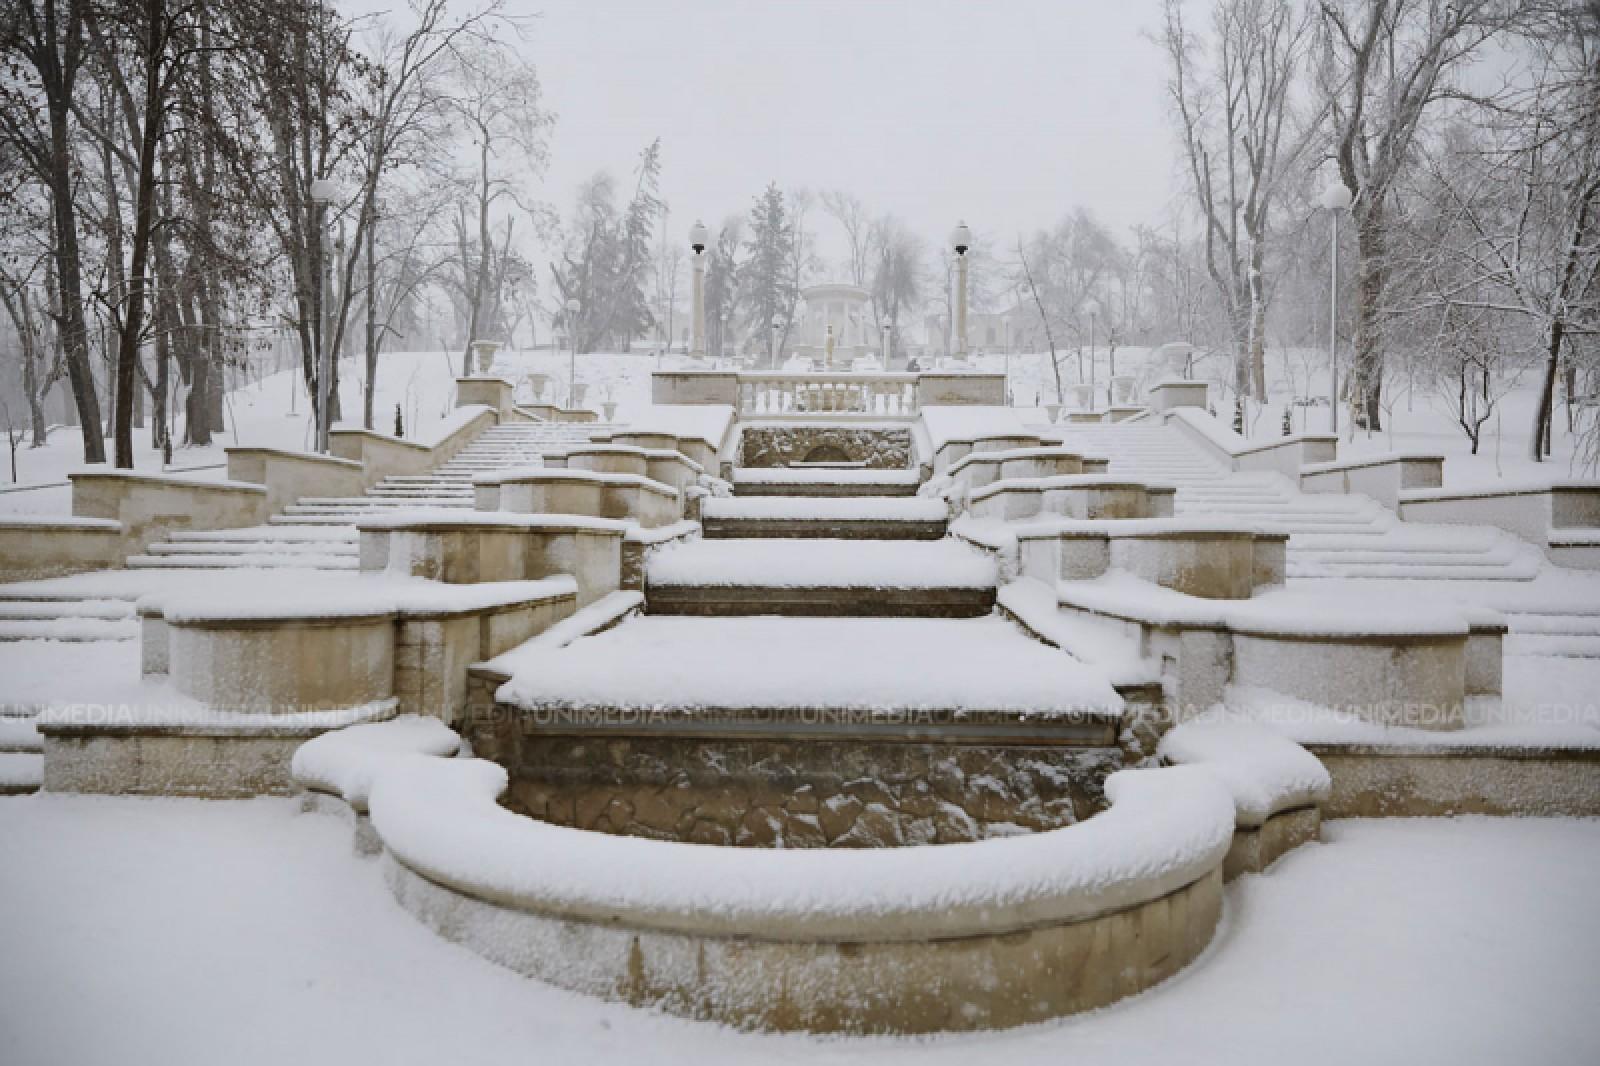 Iarna prinde la puteri: Revin ninsorile în săptămâna ce urmează, iar mercurul din termometre va scădea până la -3 grade